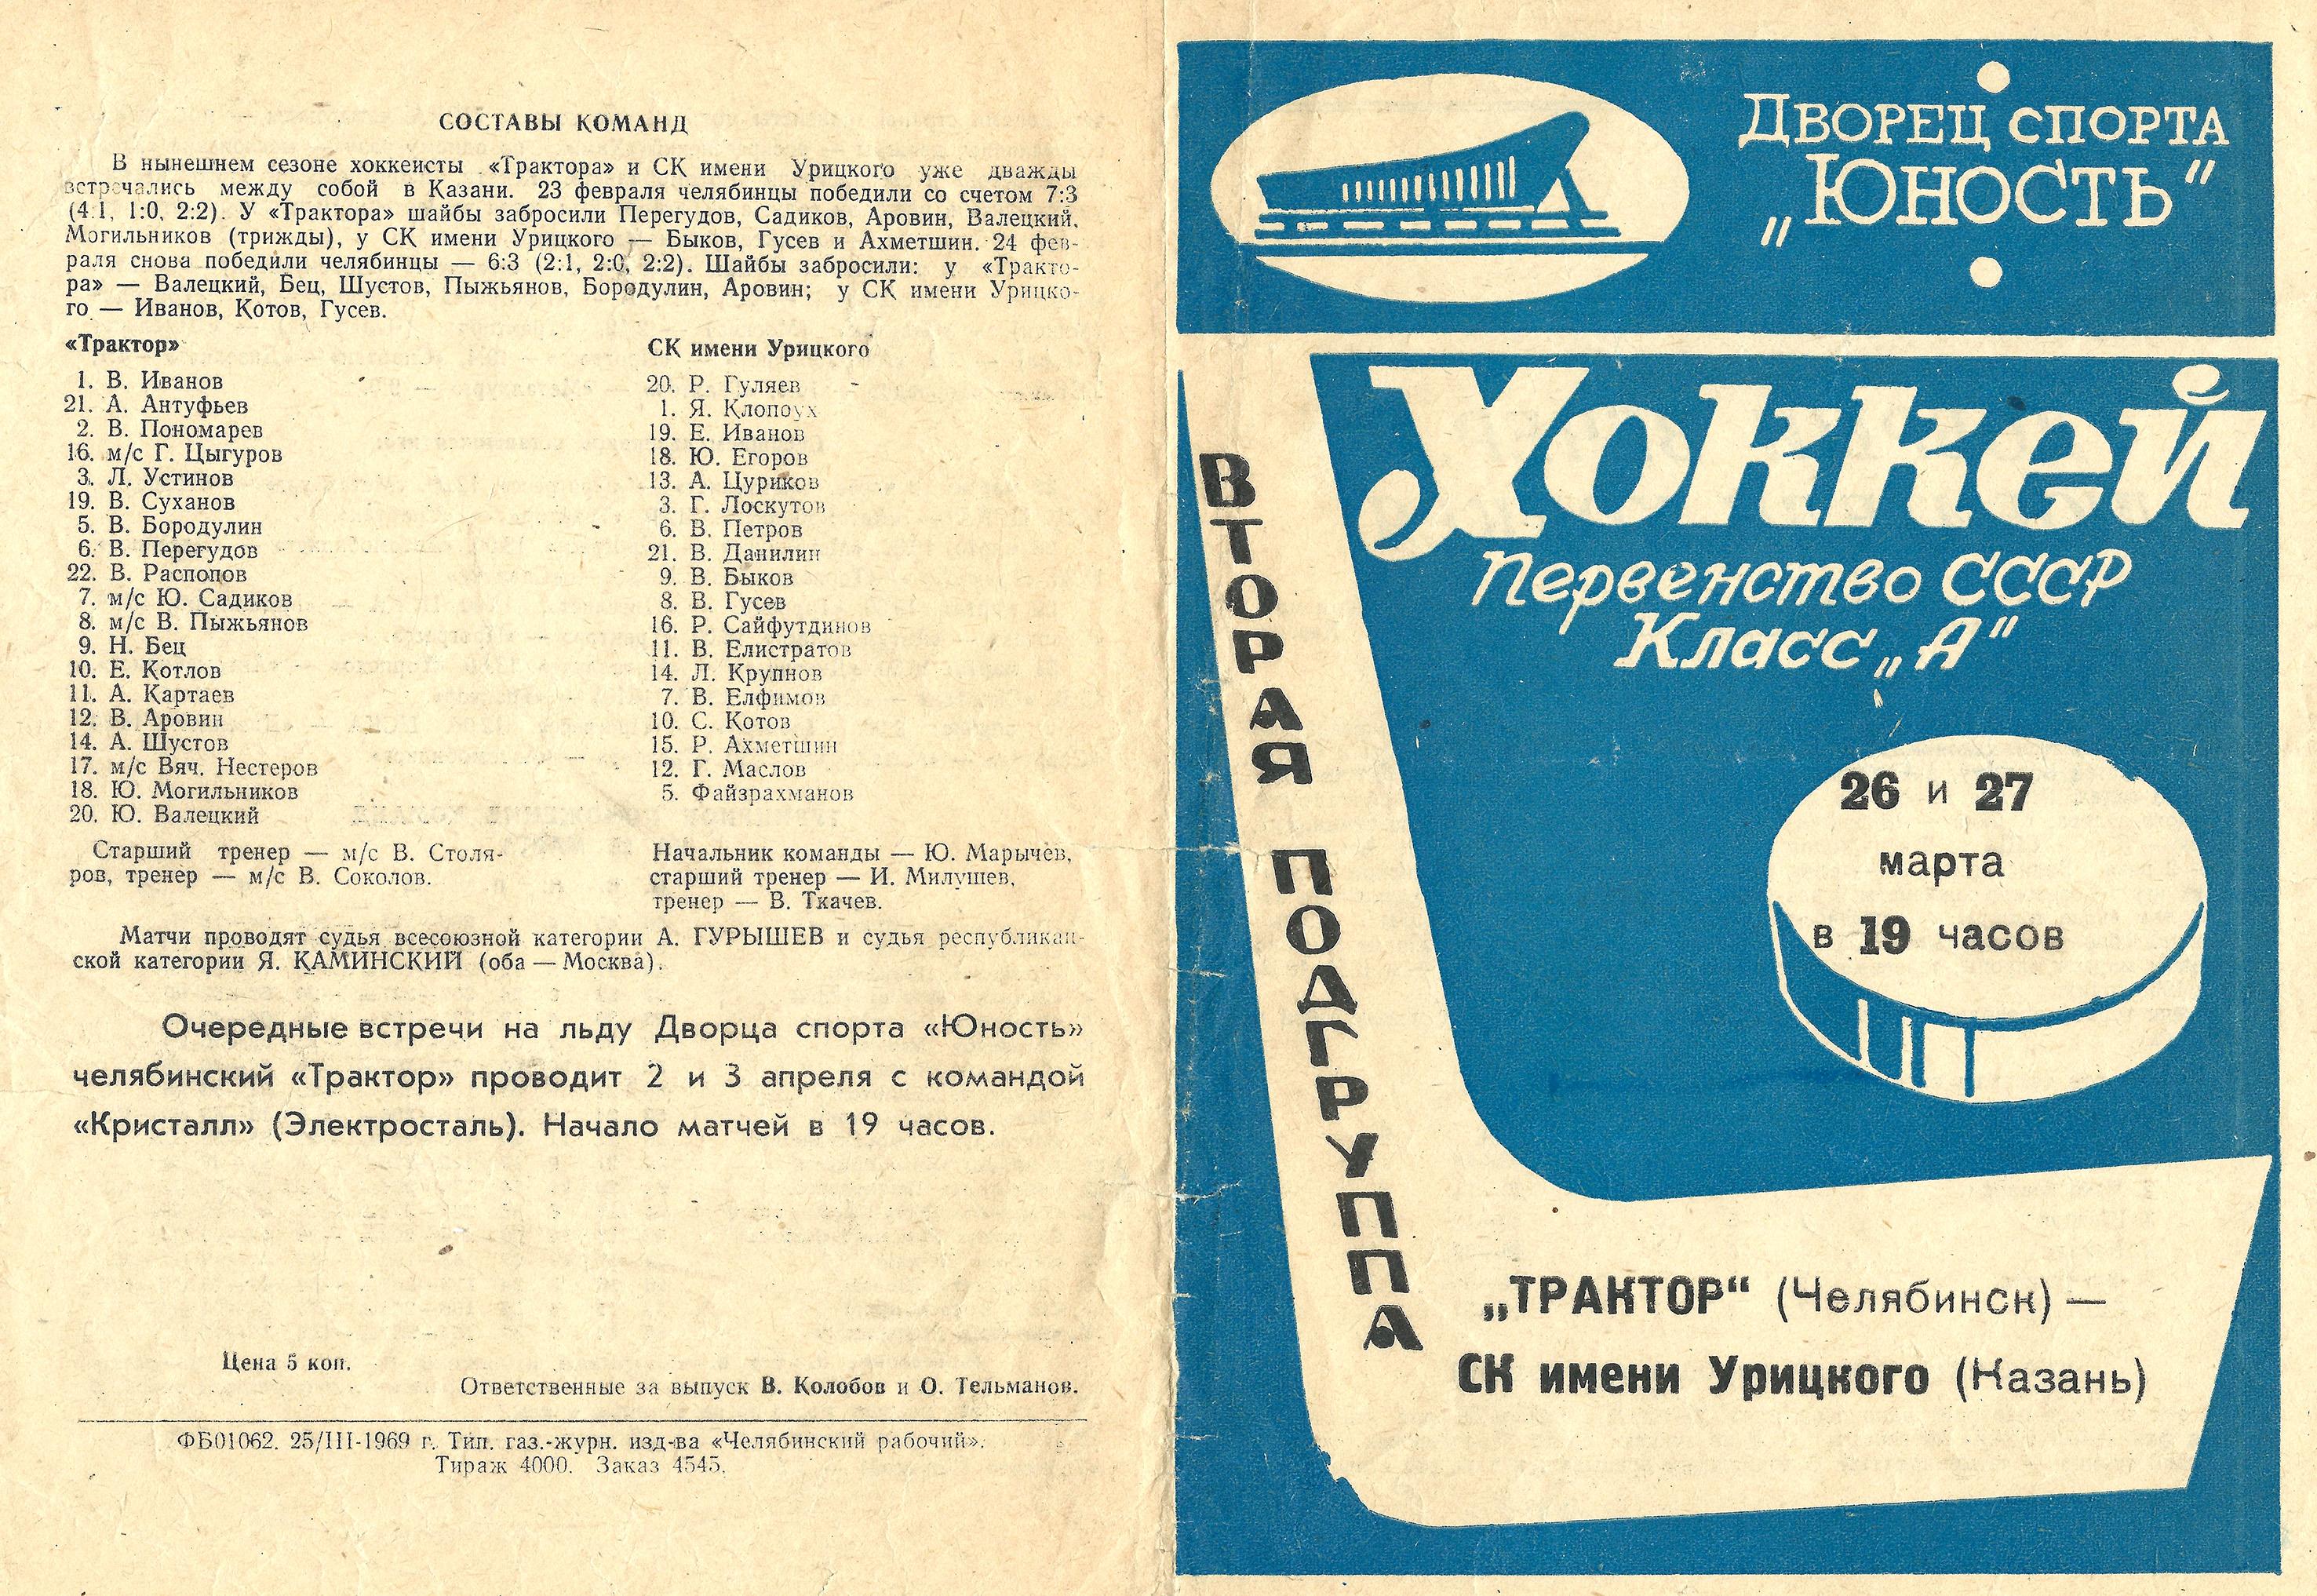 Трактор - СК имени Урицкого Казань 26 и 27 марта 1969 года.jpg